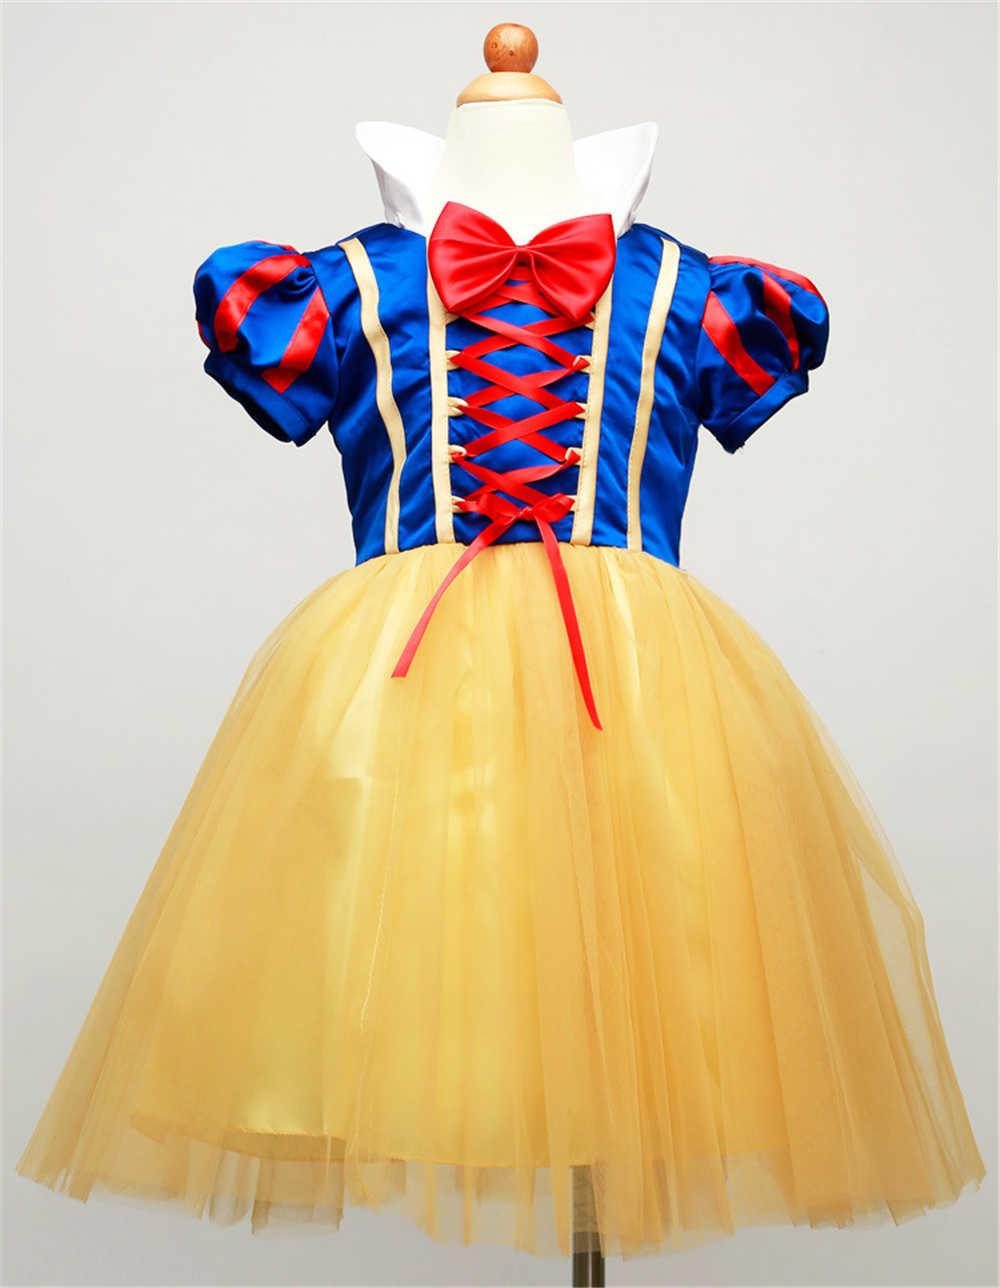 Di natale di Halloween Del Bambino Delle Ragazze Snow White Cosplay Costume Principessa Delle Ragazze Di Compleanno Carnevale Vestiti Da Partito di Nuovo Anno di Vacanza Vestito